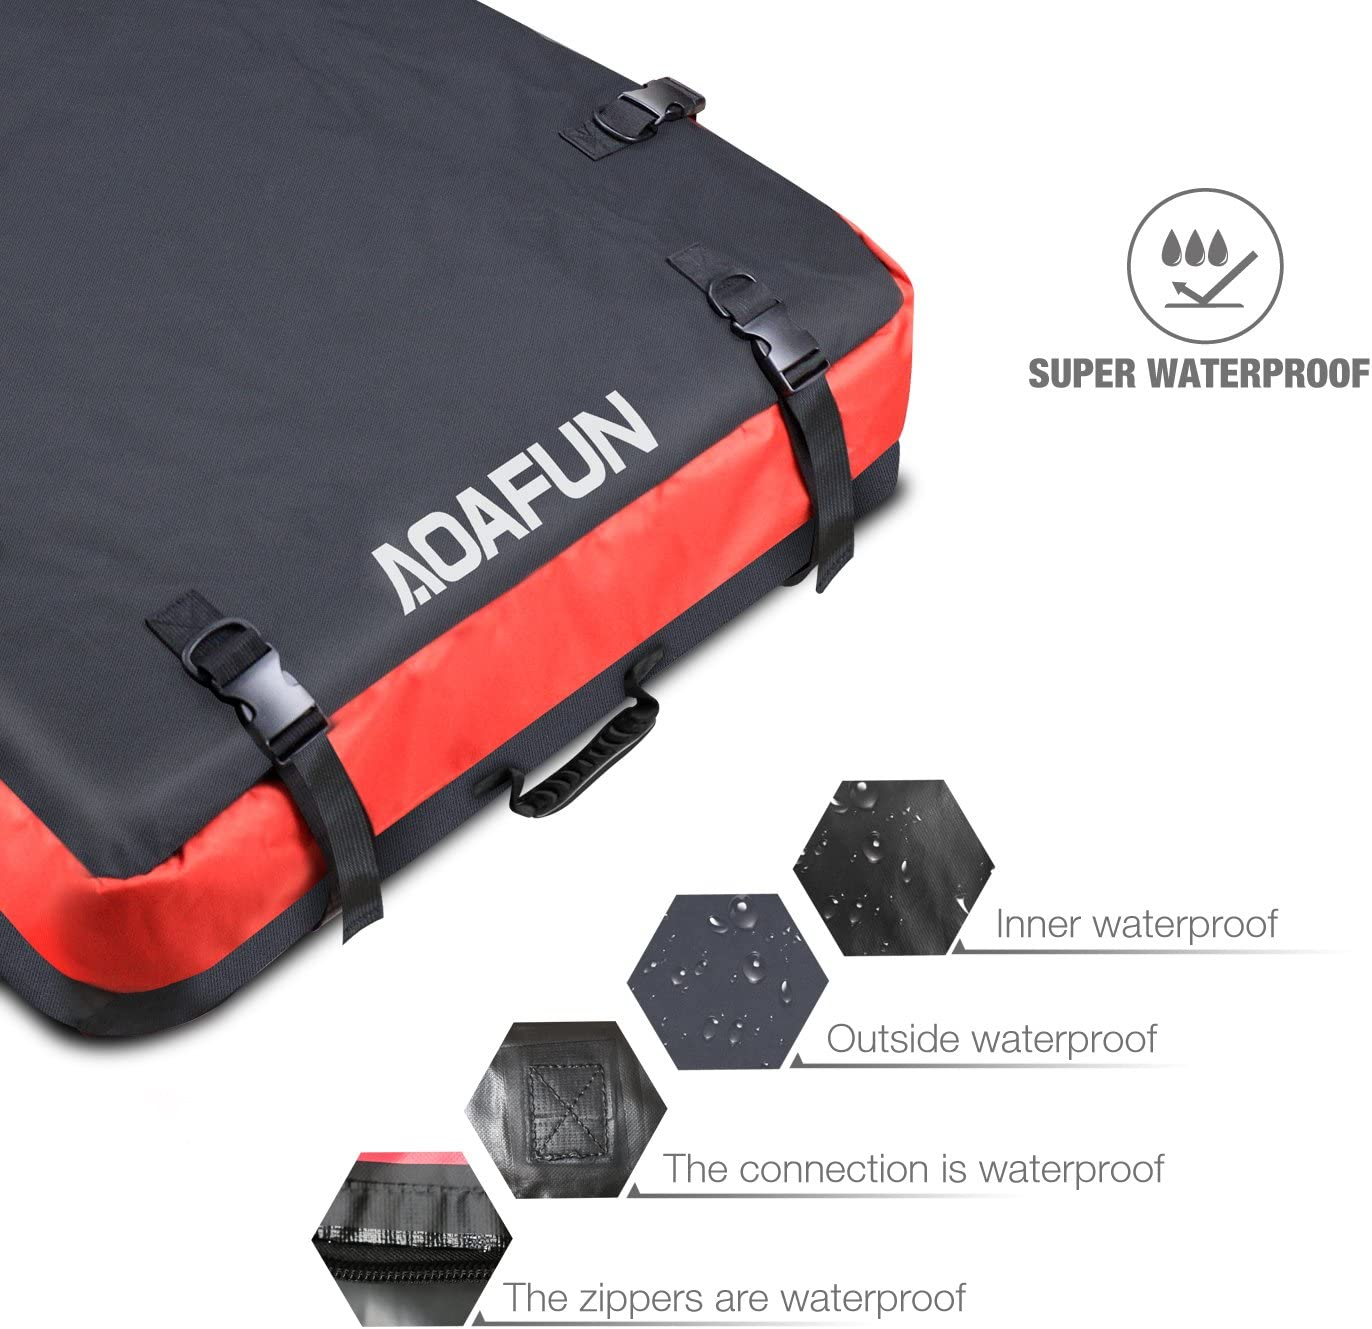 sac de toit de bo/îte de rangement de 10 pieds cubes pour le voyage pour les longs voyages Sac de toit de sac de toit de voiture dAoafun les vacances et le transport de bagage